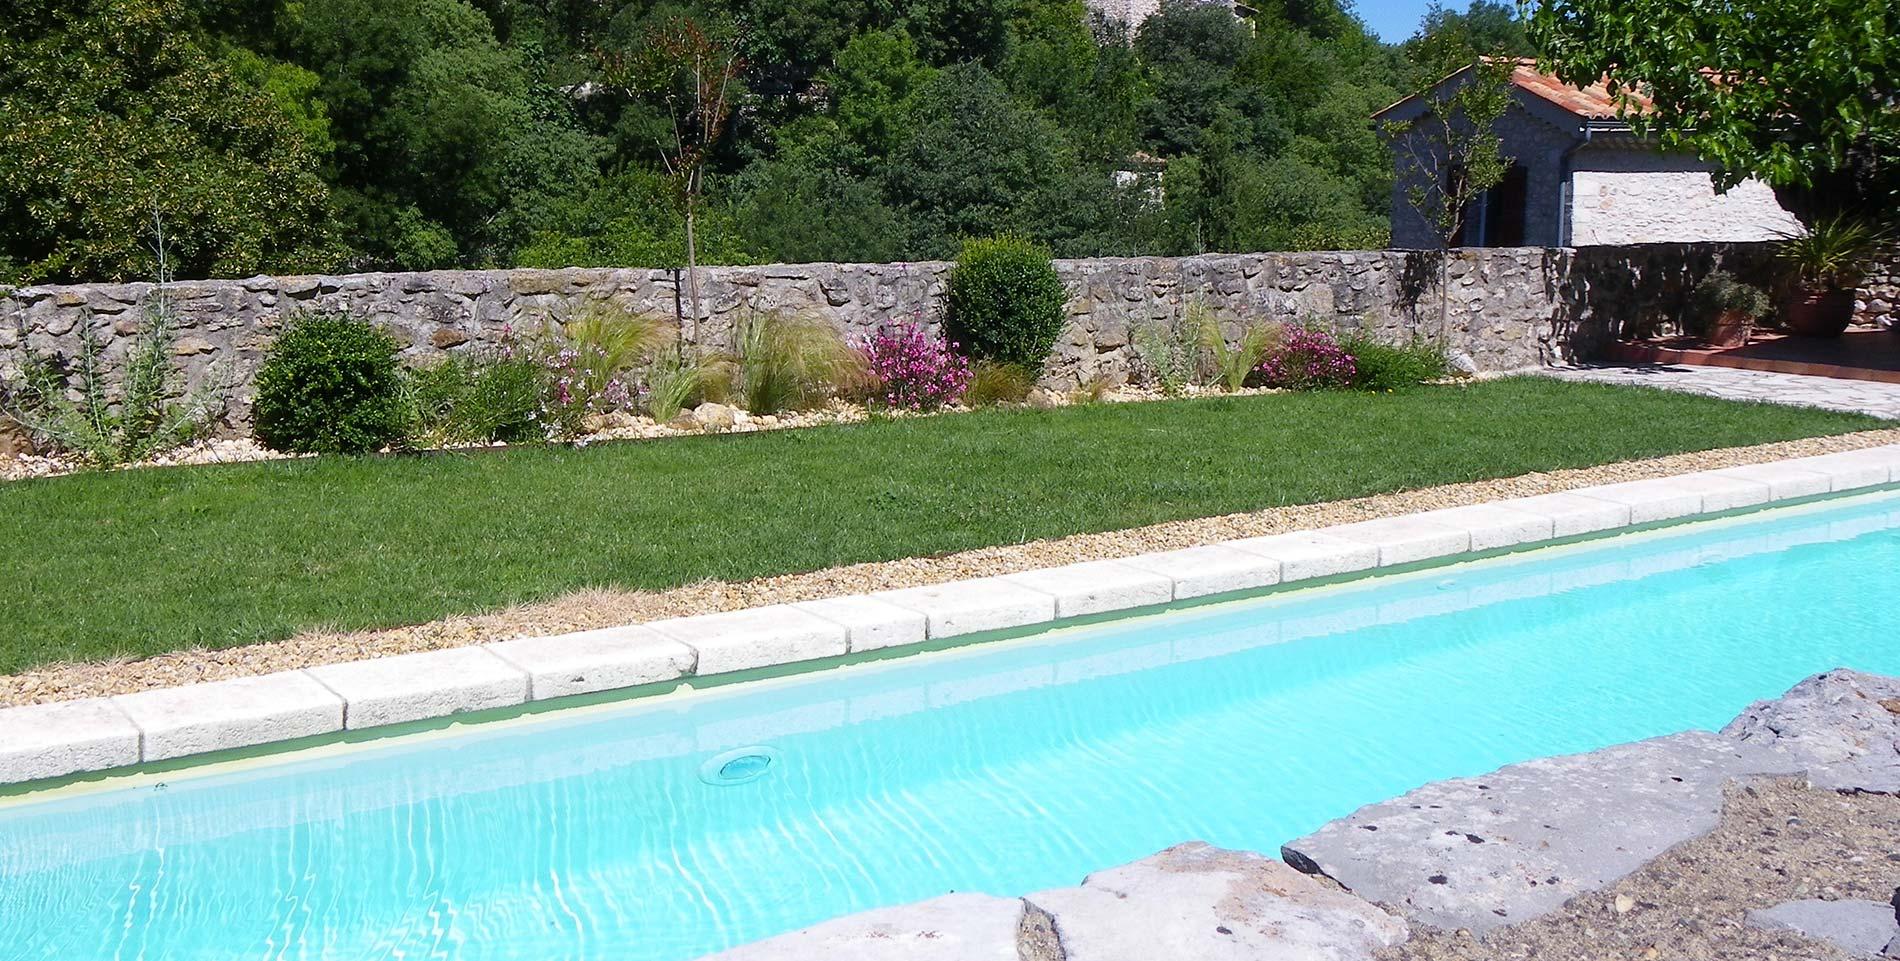 Location de g tes avec piscine gorges de la c ze ard che for Ardeche gites piscine